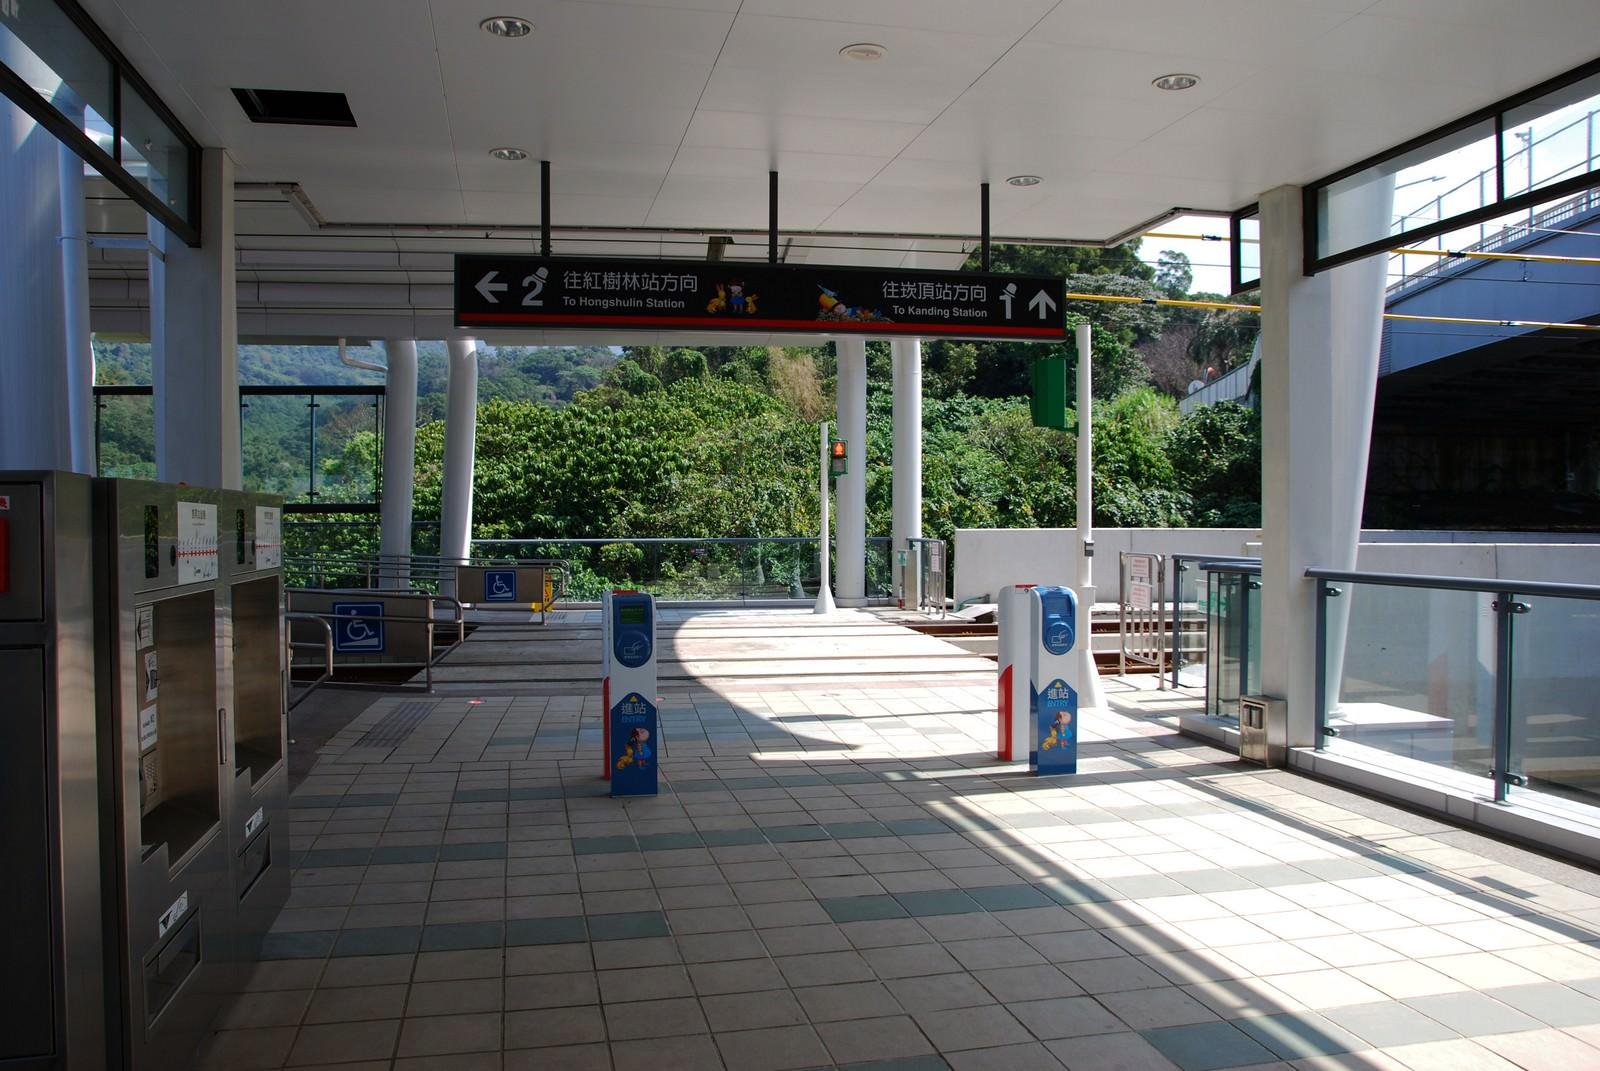 淡海輕軌綠山線, 輕軌淡金鄧公站, 刷卡機